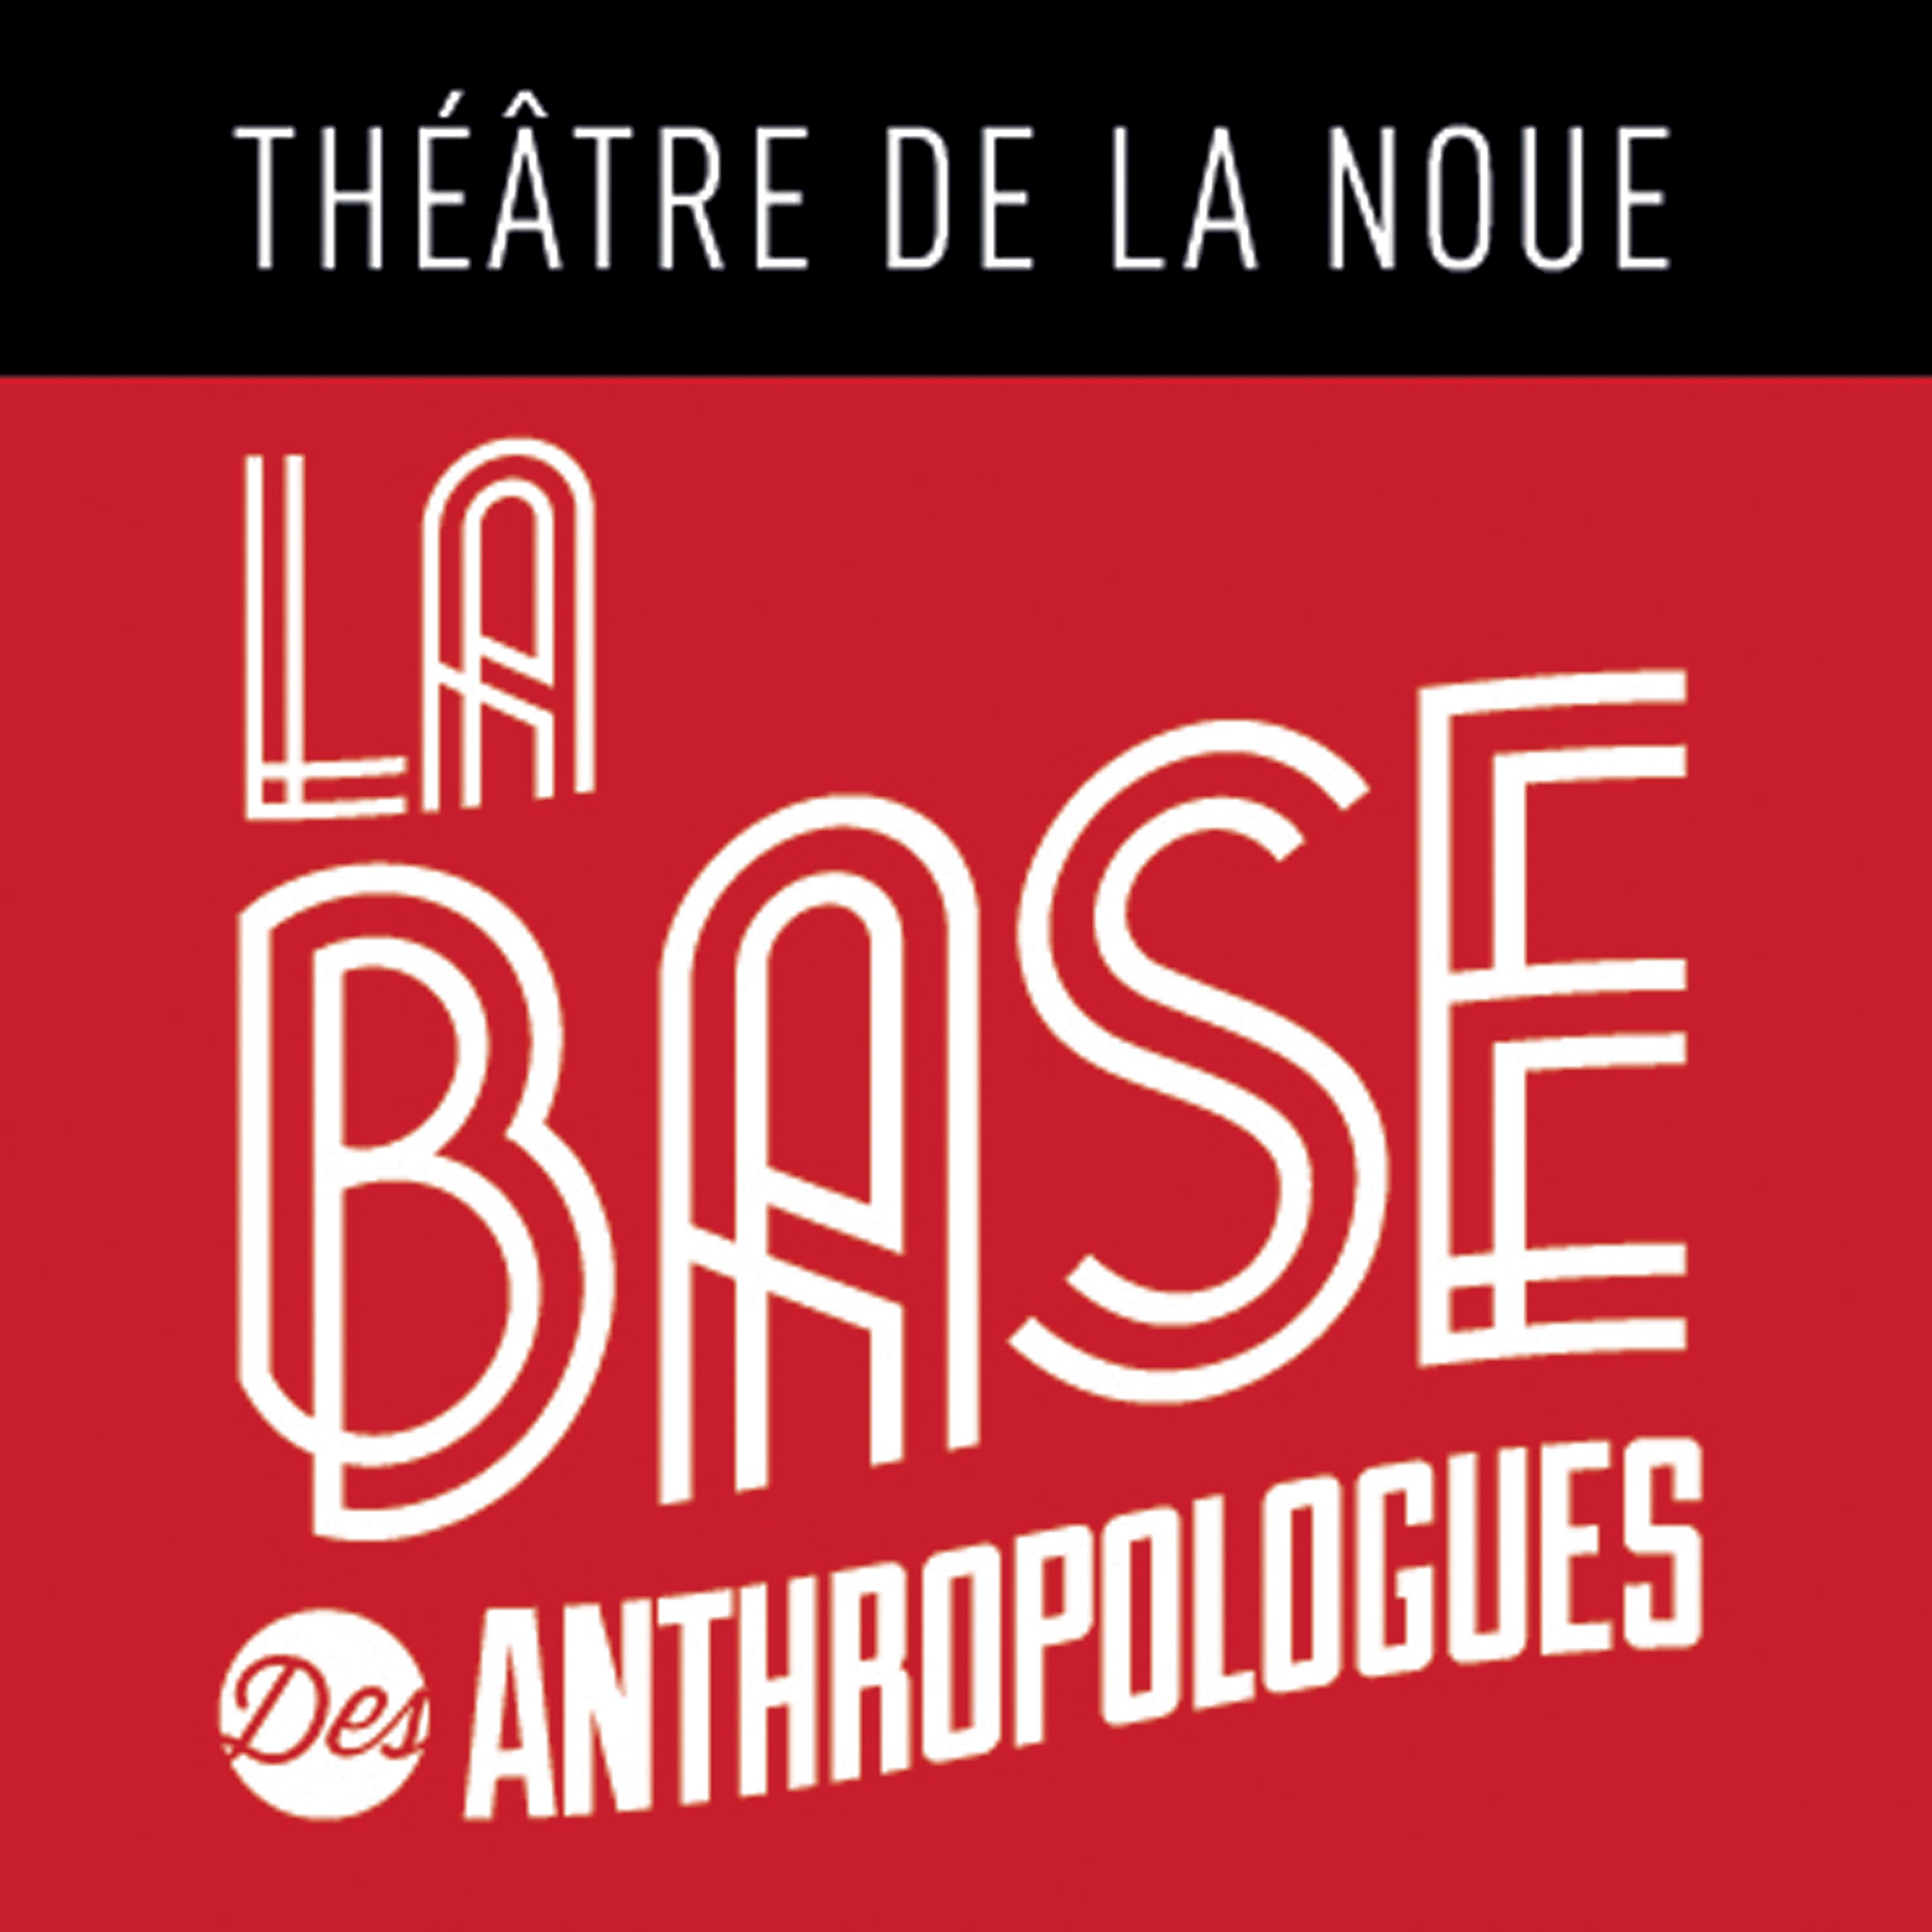 Théâtre de la Noue